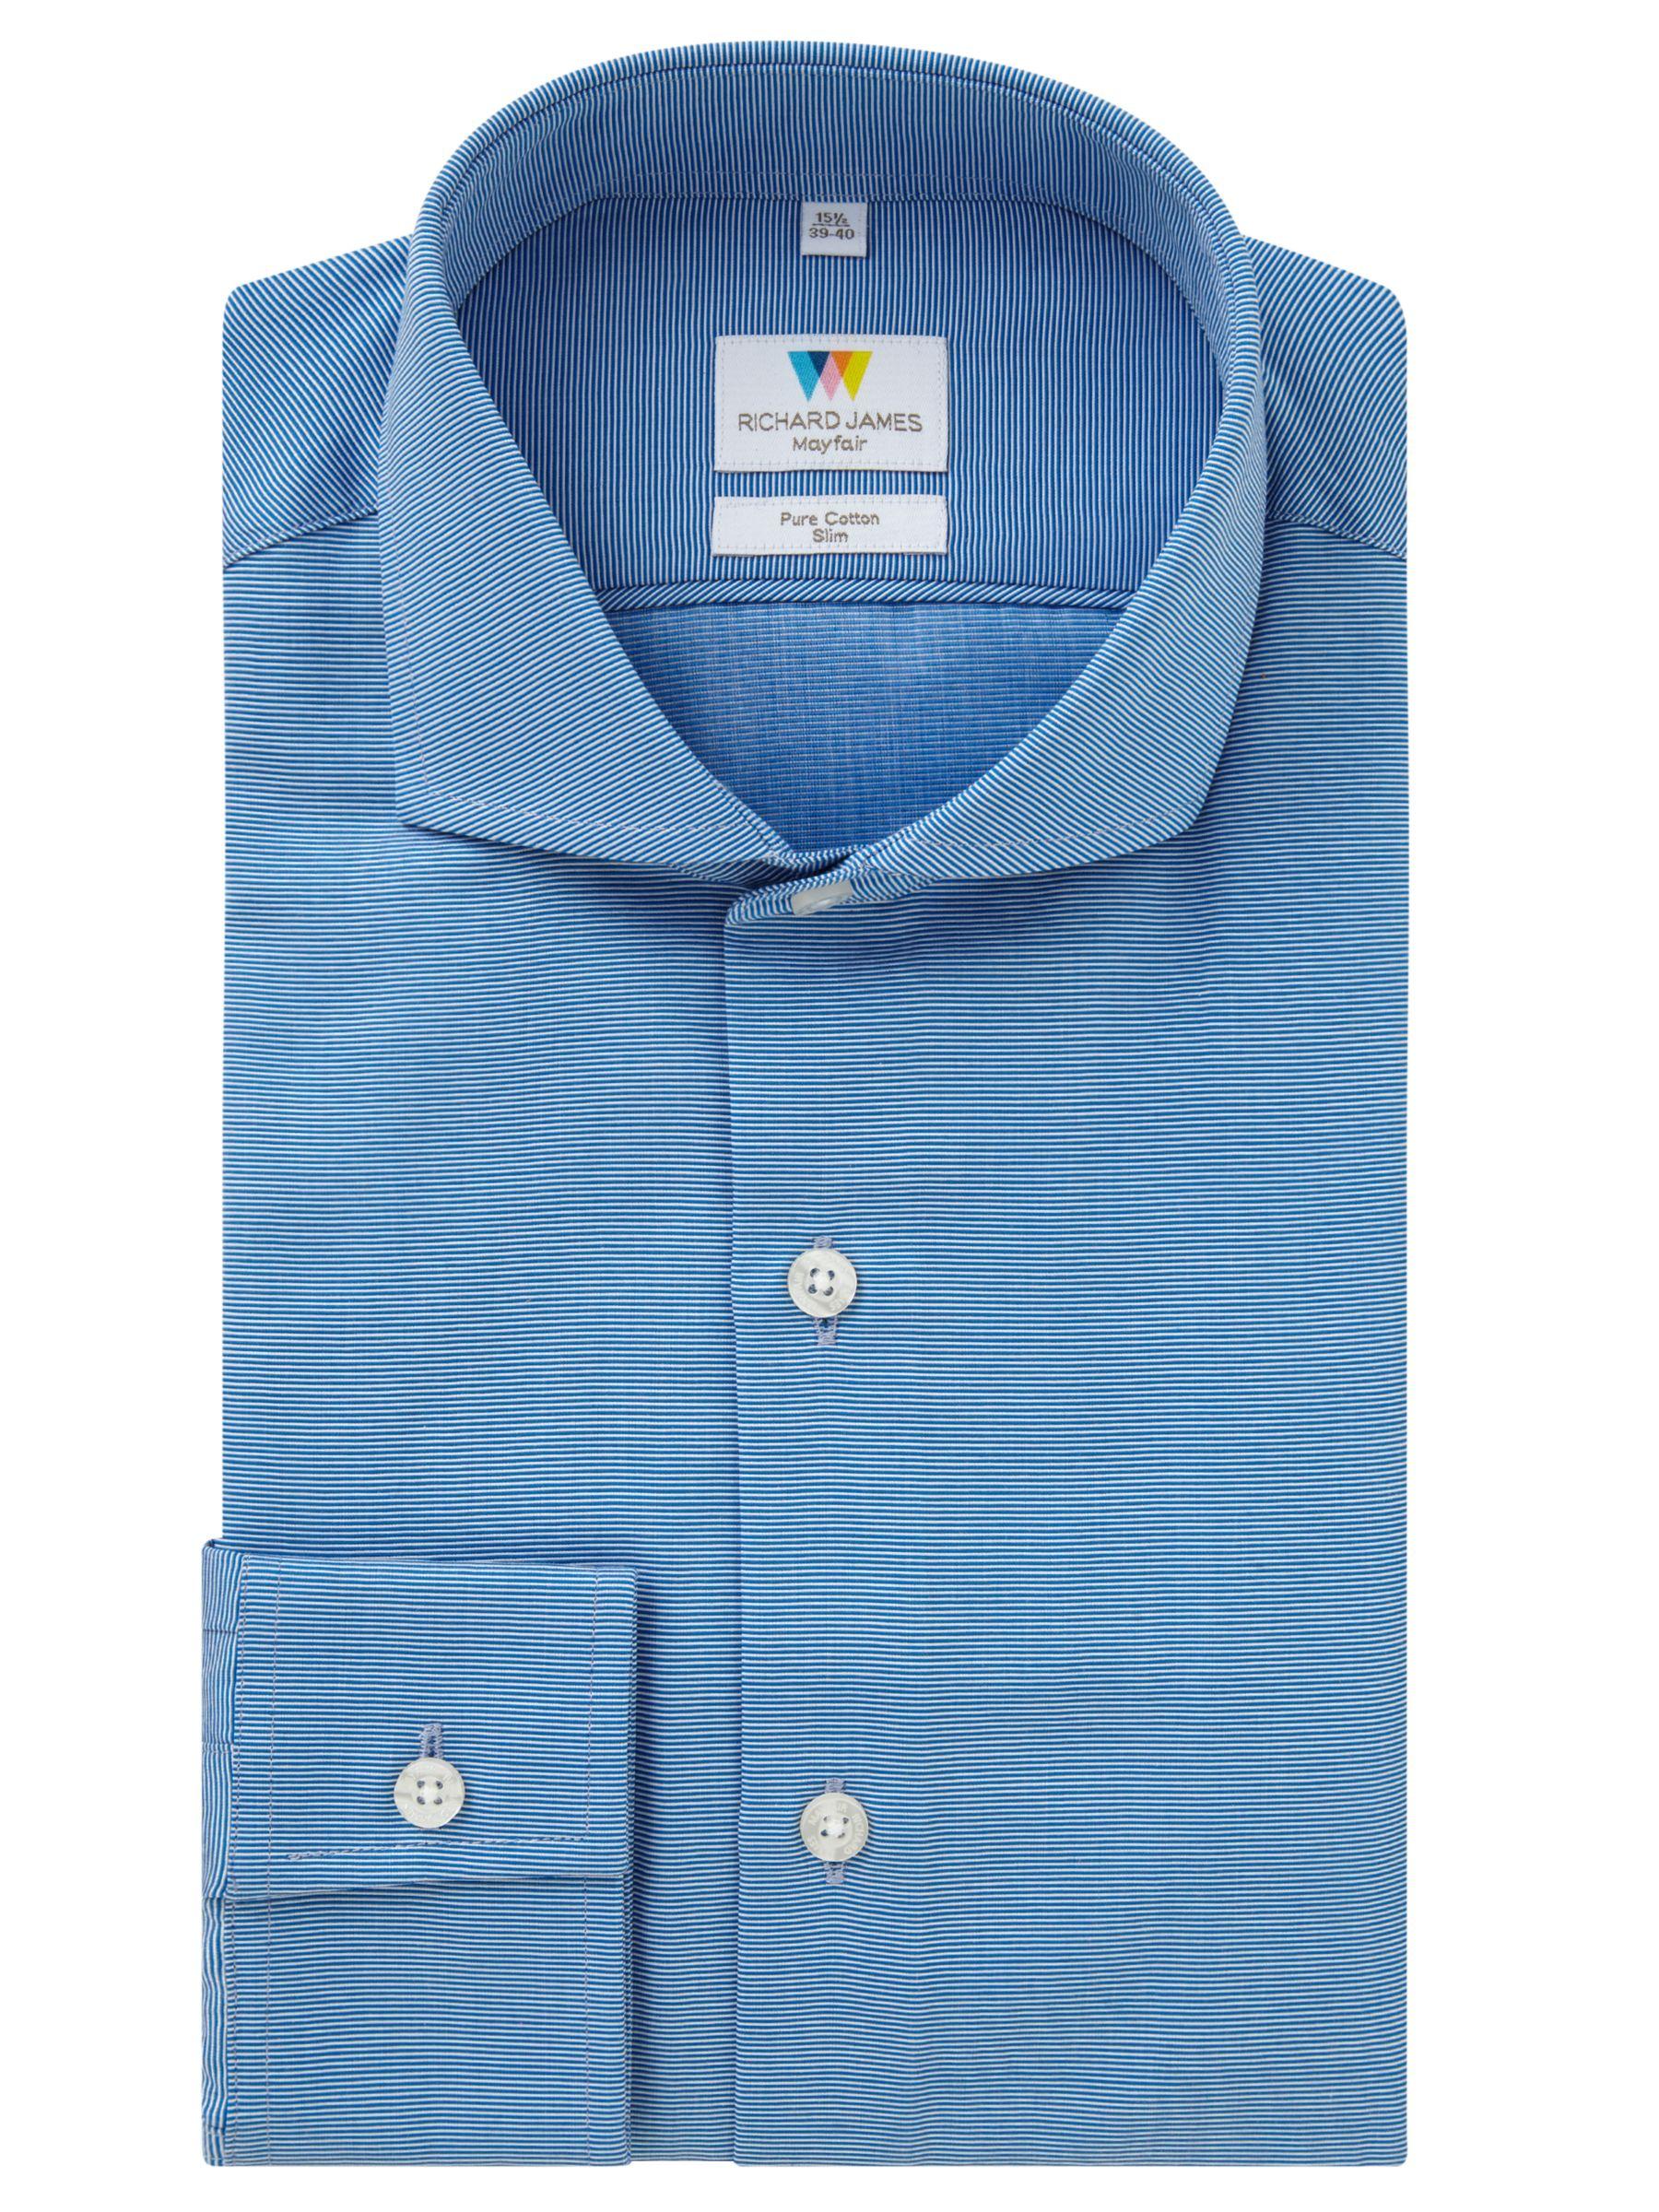 Richard James Mayfair Richard James Mayfair Ottoman Slim Fit Shirt, Blue/White